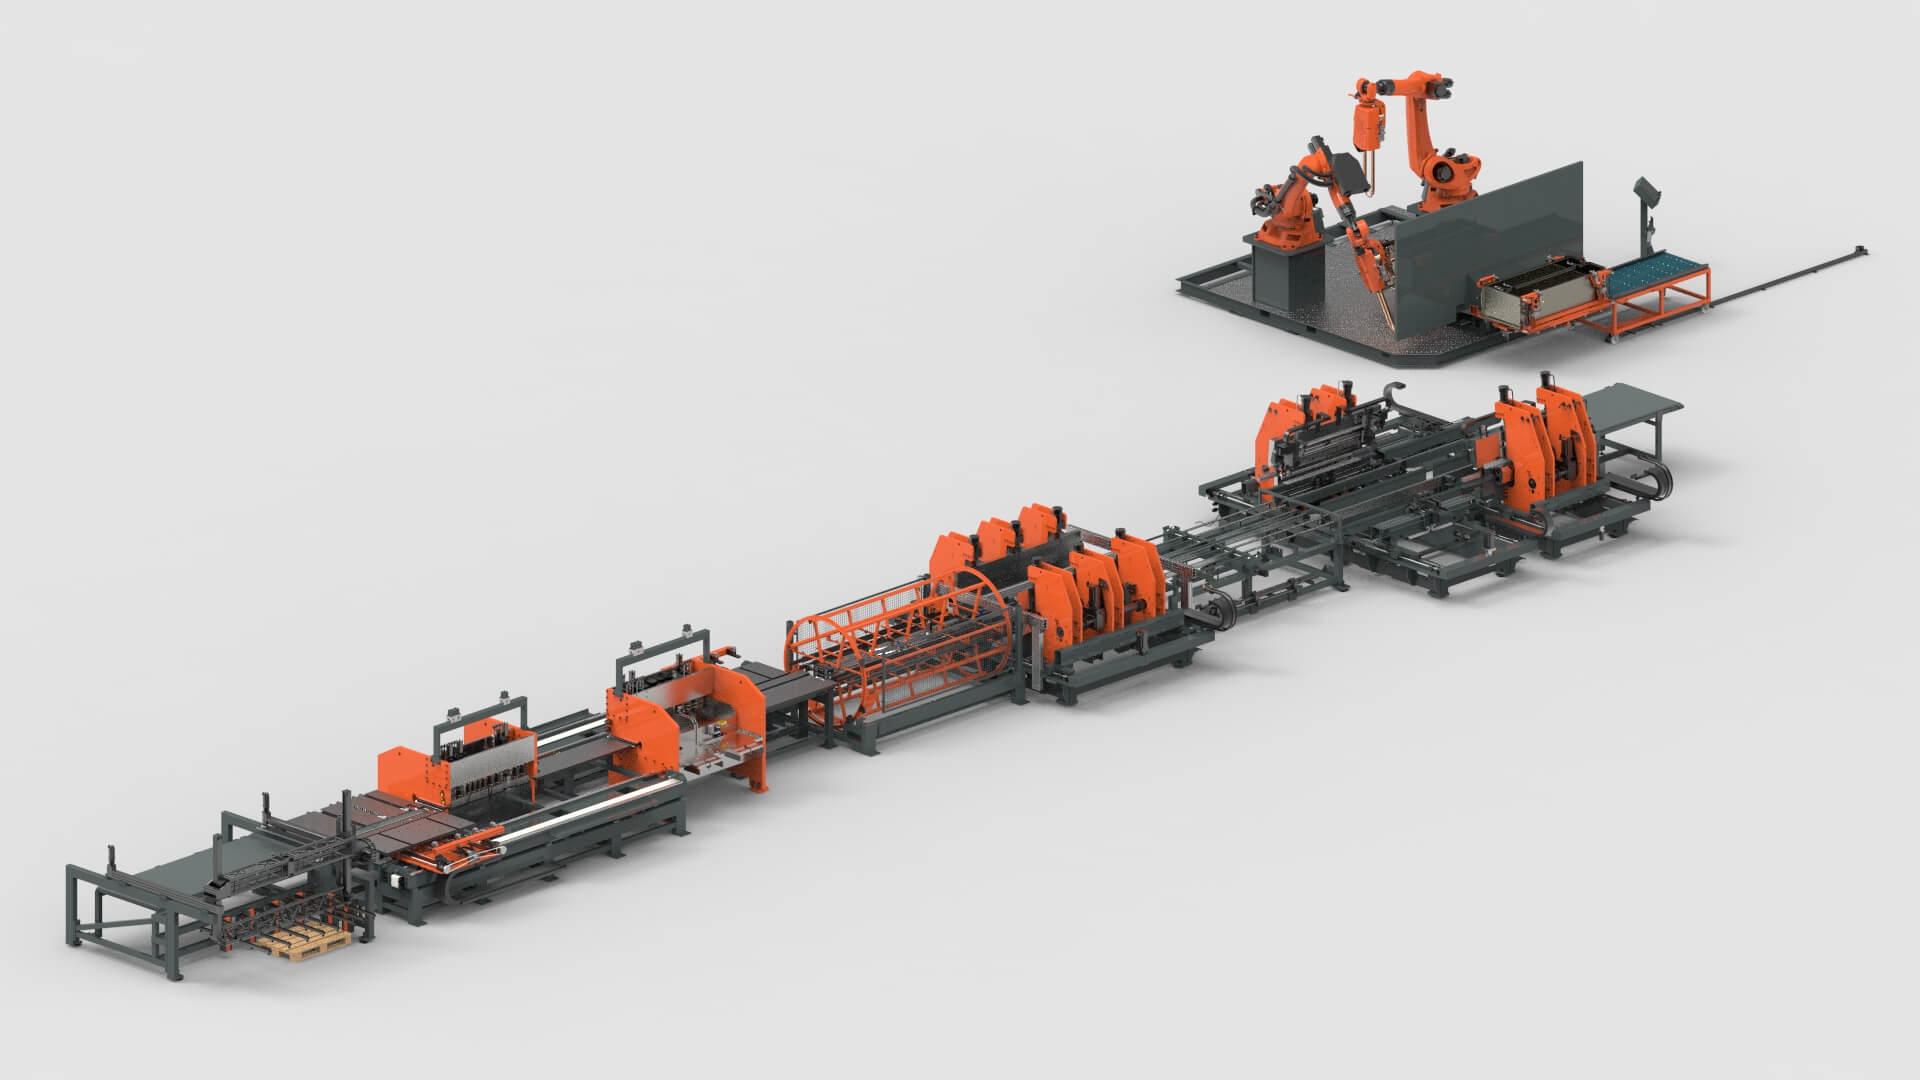 wemo-stalen-kasten-plaatbewerking-ponsen-buigen-robot-lassen-productielijn